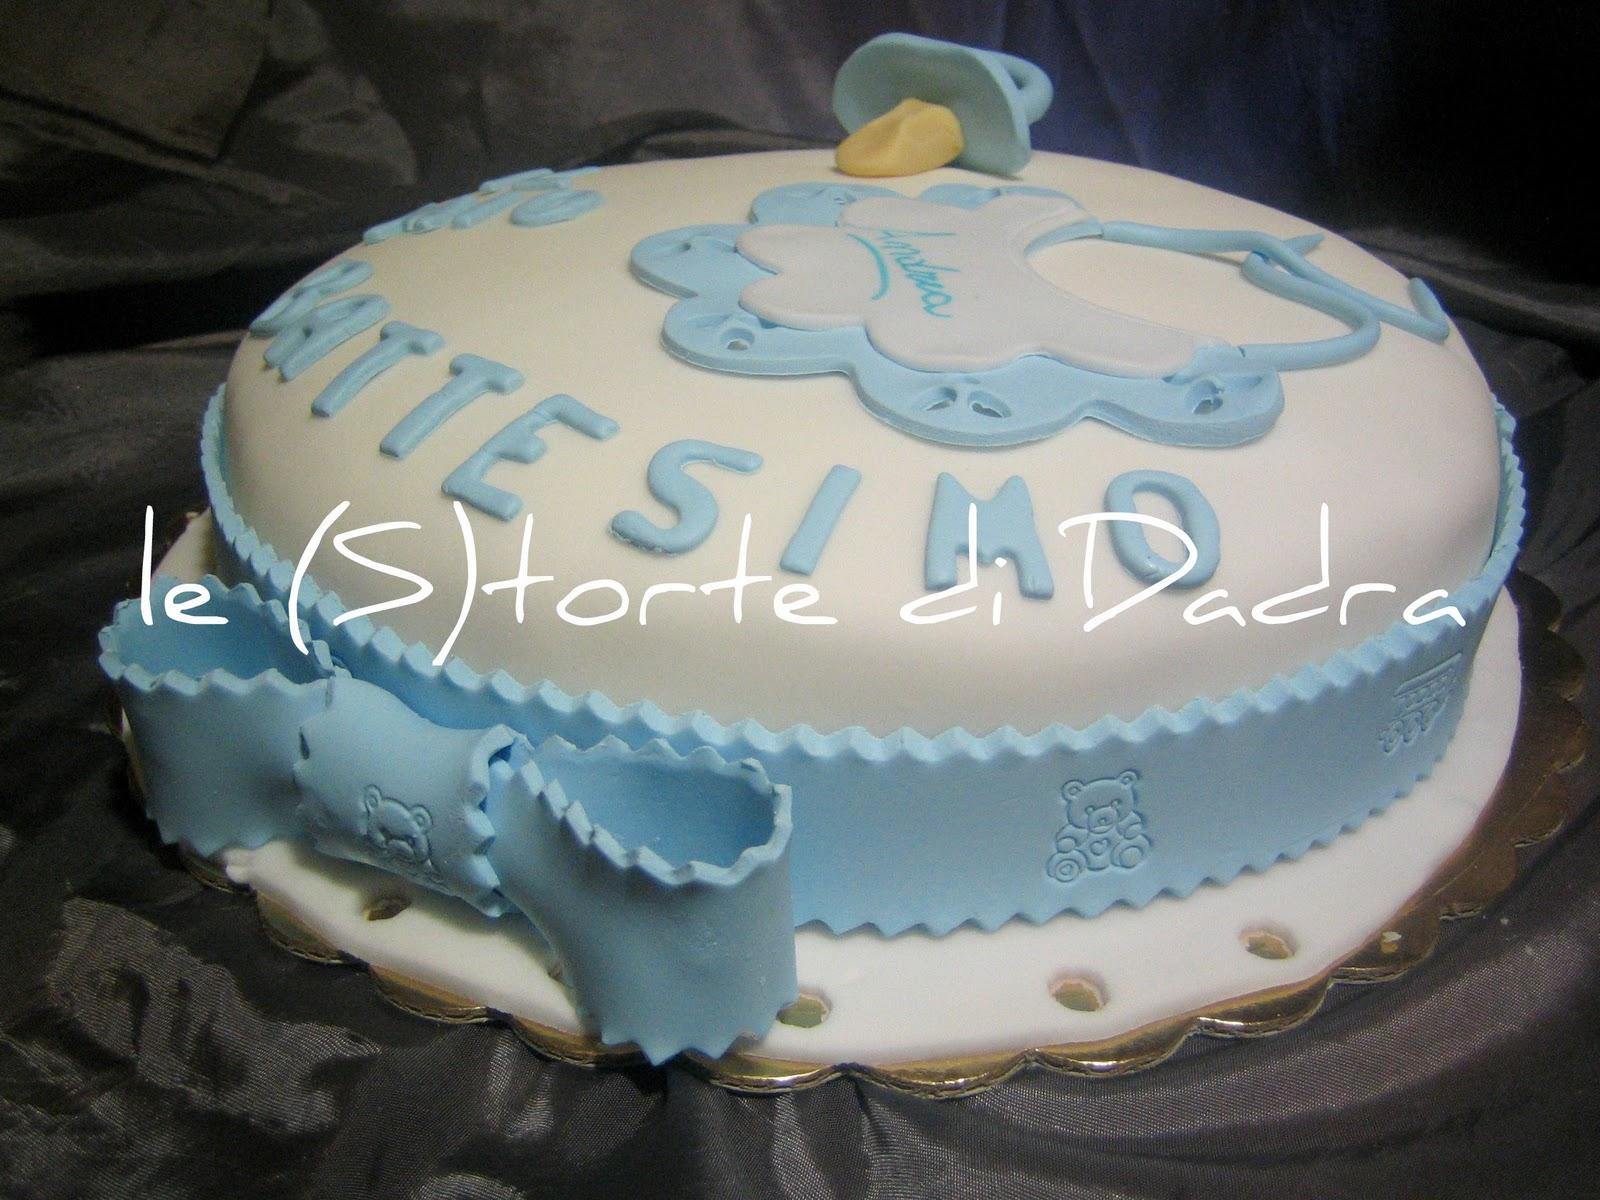 Popolare S)torta per il Battesimo di Andrea | SiciliA' cibo e cultura MZ85